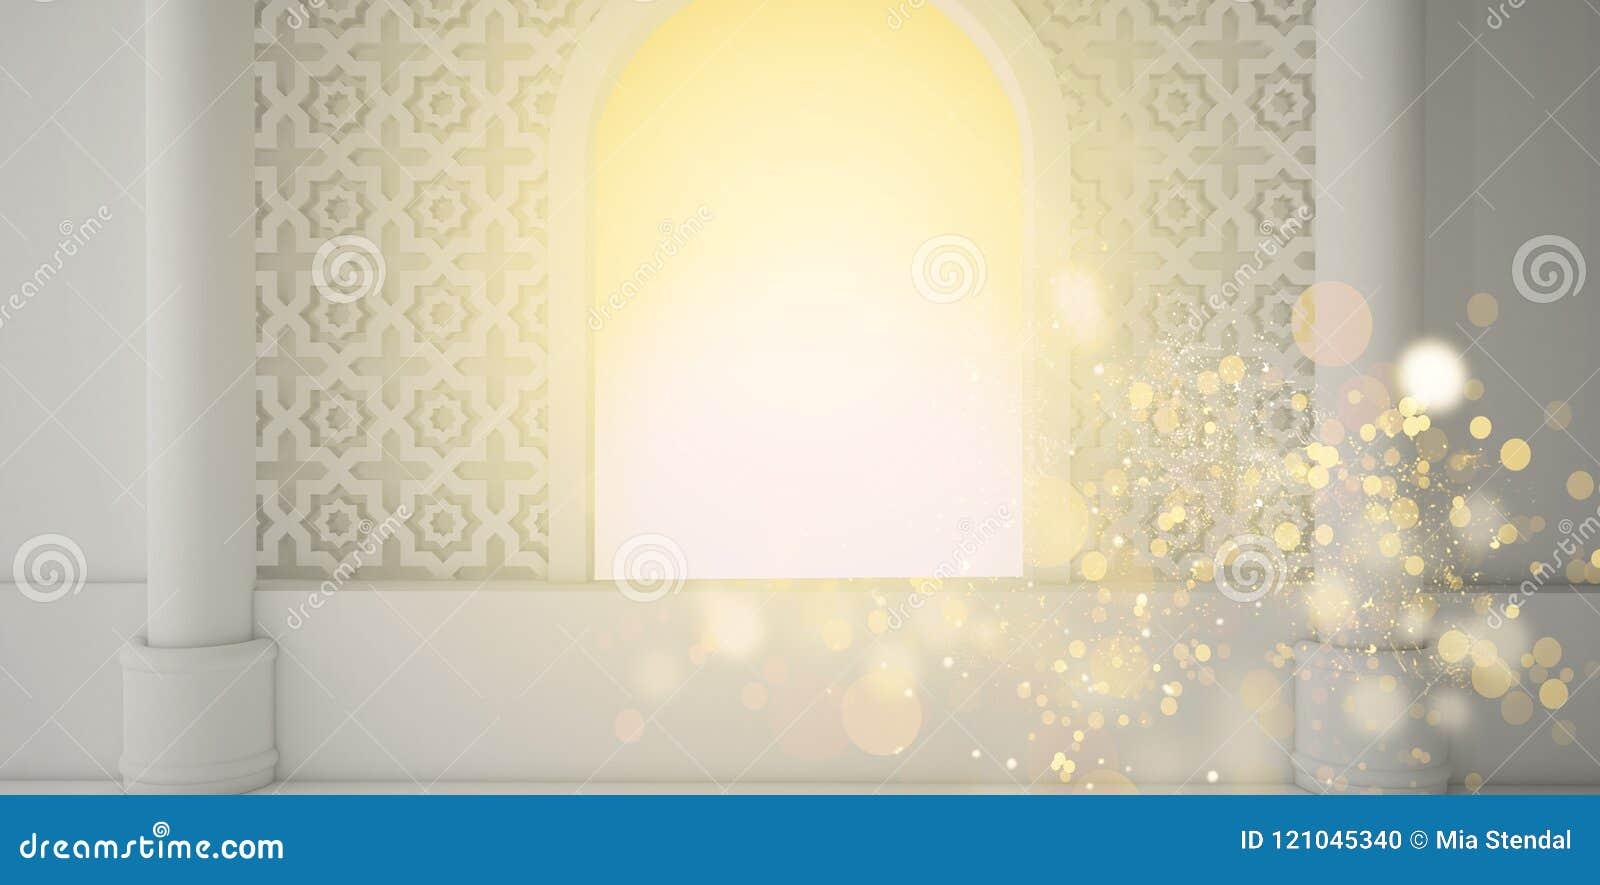 Haces del fondo abstracto de la fruta, del sitio pineappleEastern, de la ventana abierta, de la luz del sol y de la magia represe